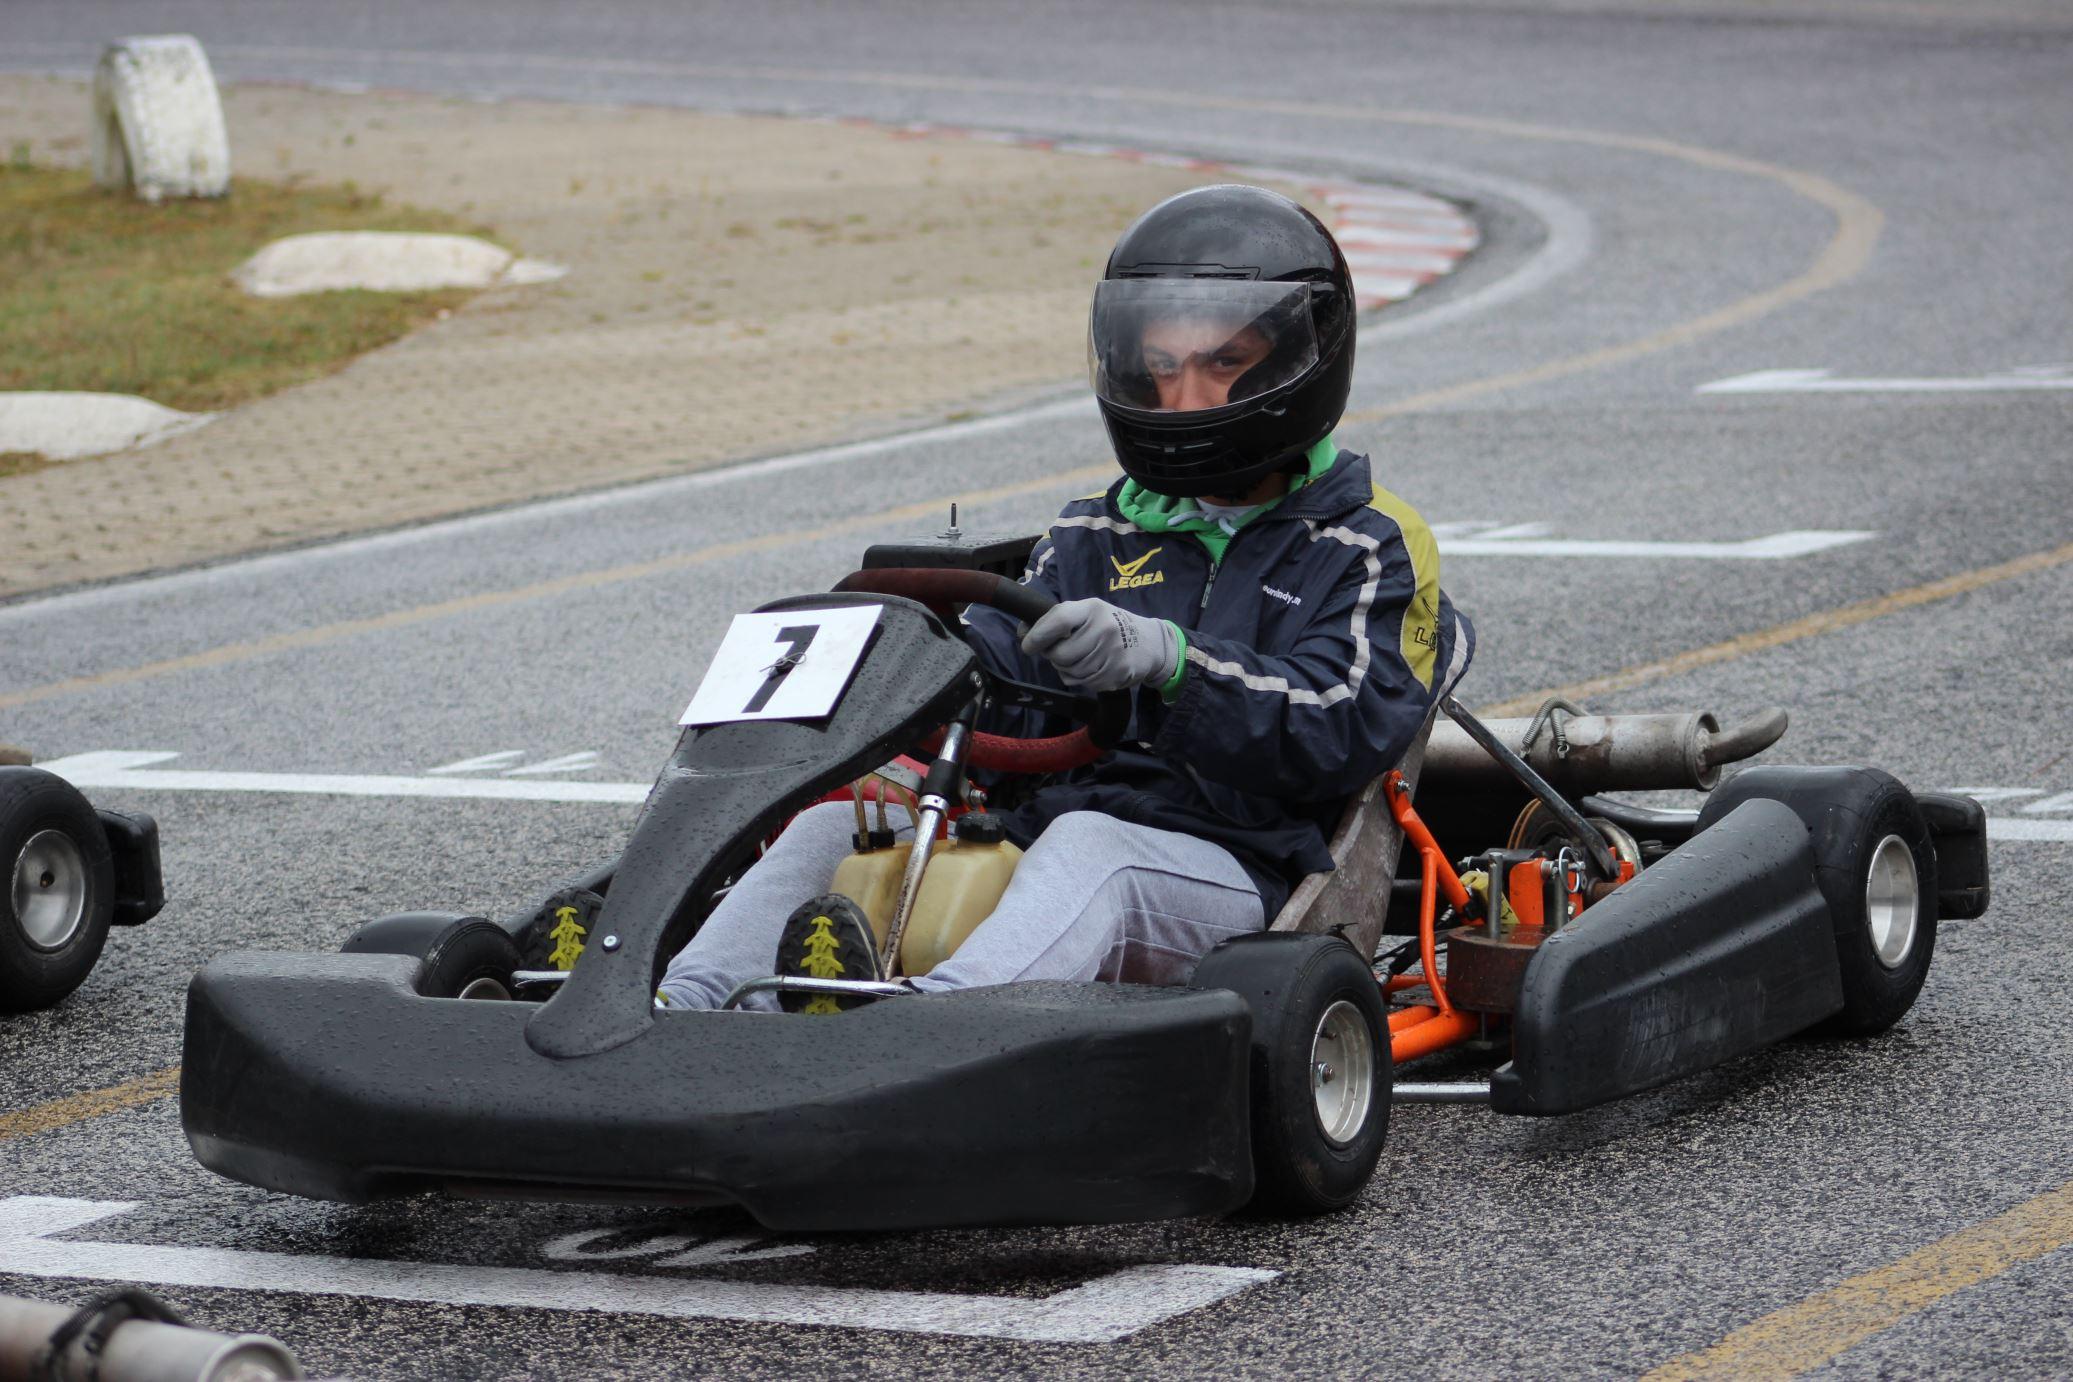 Troféu Honda 2014 - 2ª Prova58